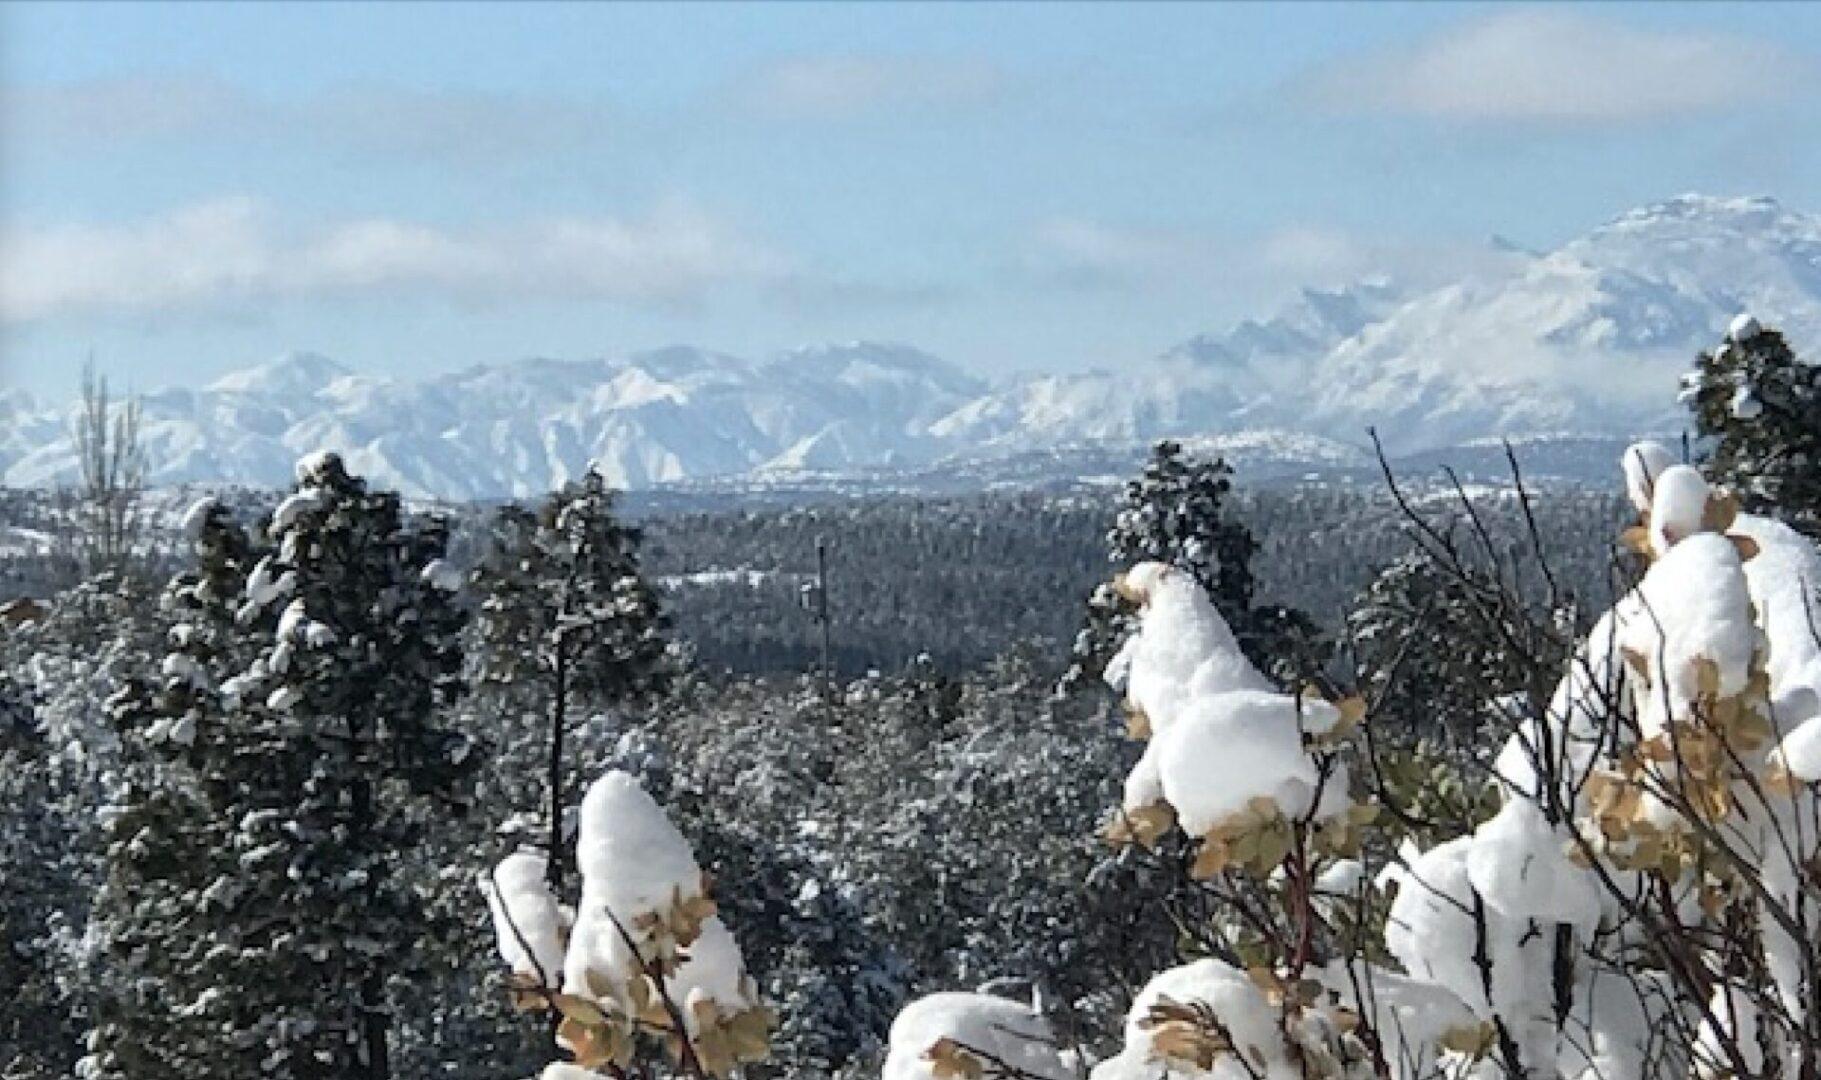 Matazal Mountains